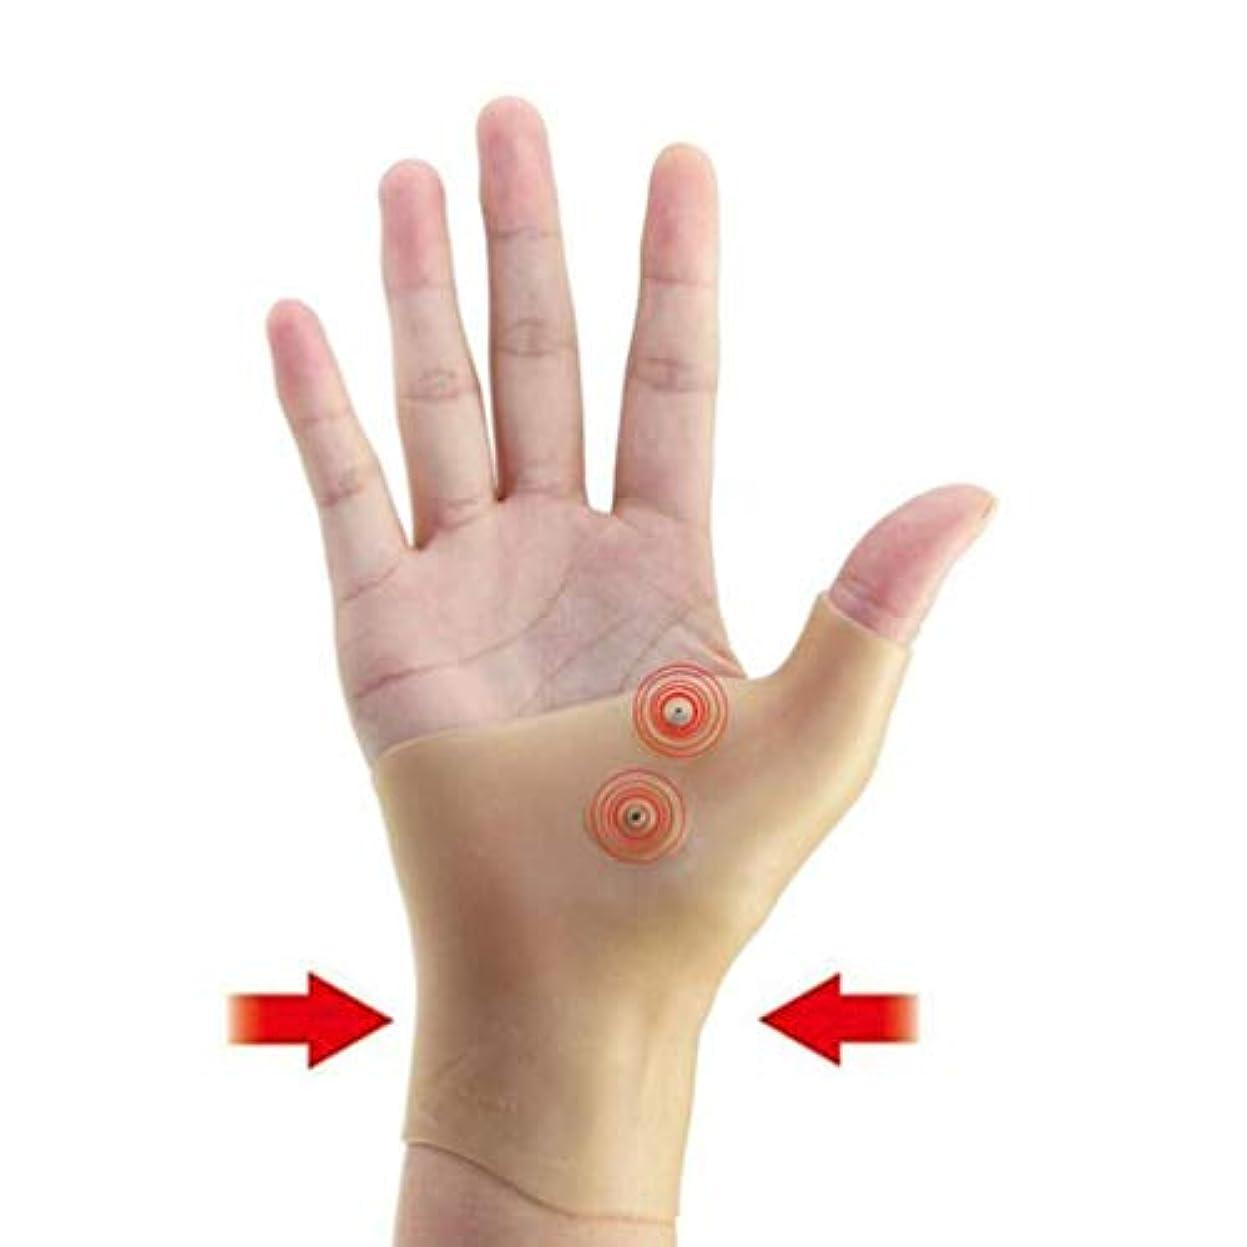 志すシャトルトン磁気療法手首手親指サポート手袋シリコーンゲル関節炎圧力矯正器マッサージ痛み緩和手袋 - 肌の色